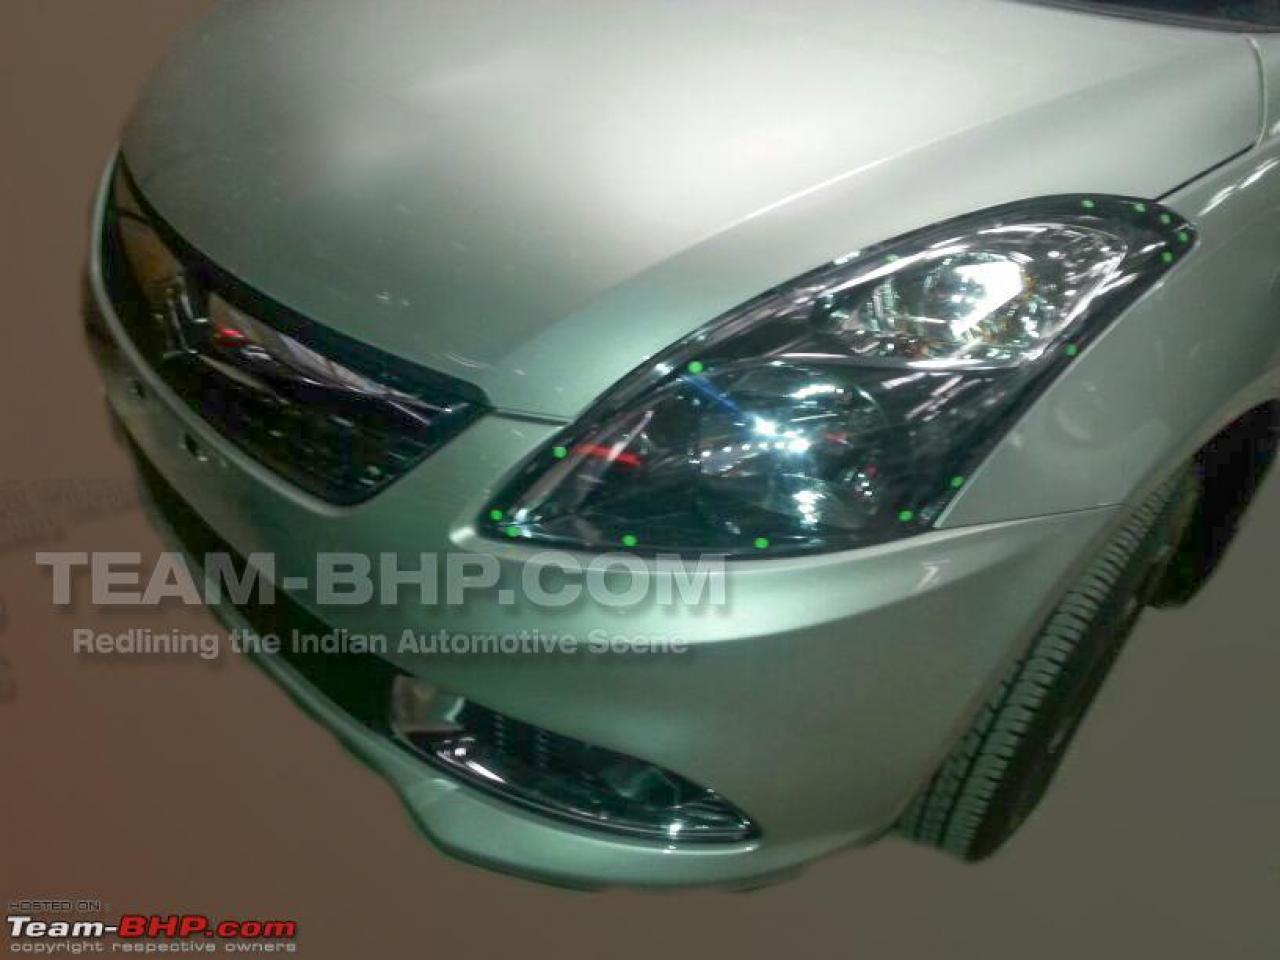 new car launches in july 2014 in indiaMaruti Suzuki Dzire